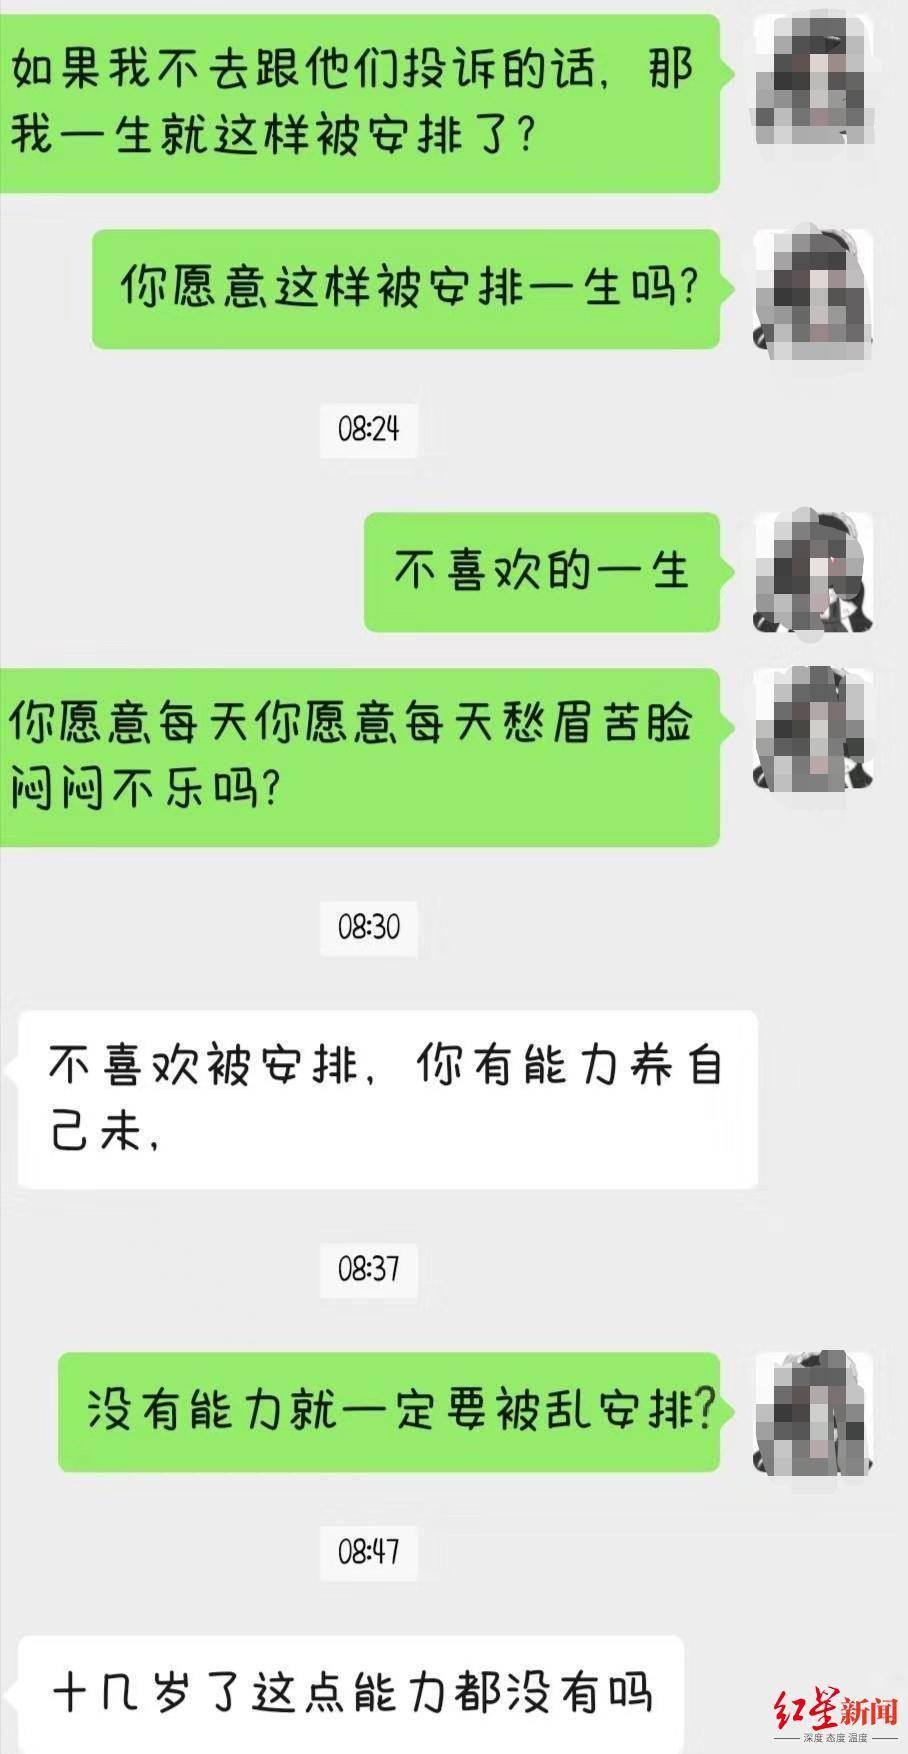 红星人物丨举报父母逼婚的17岁少女:不后悔举报,后悔说太多